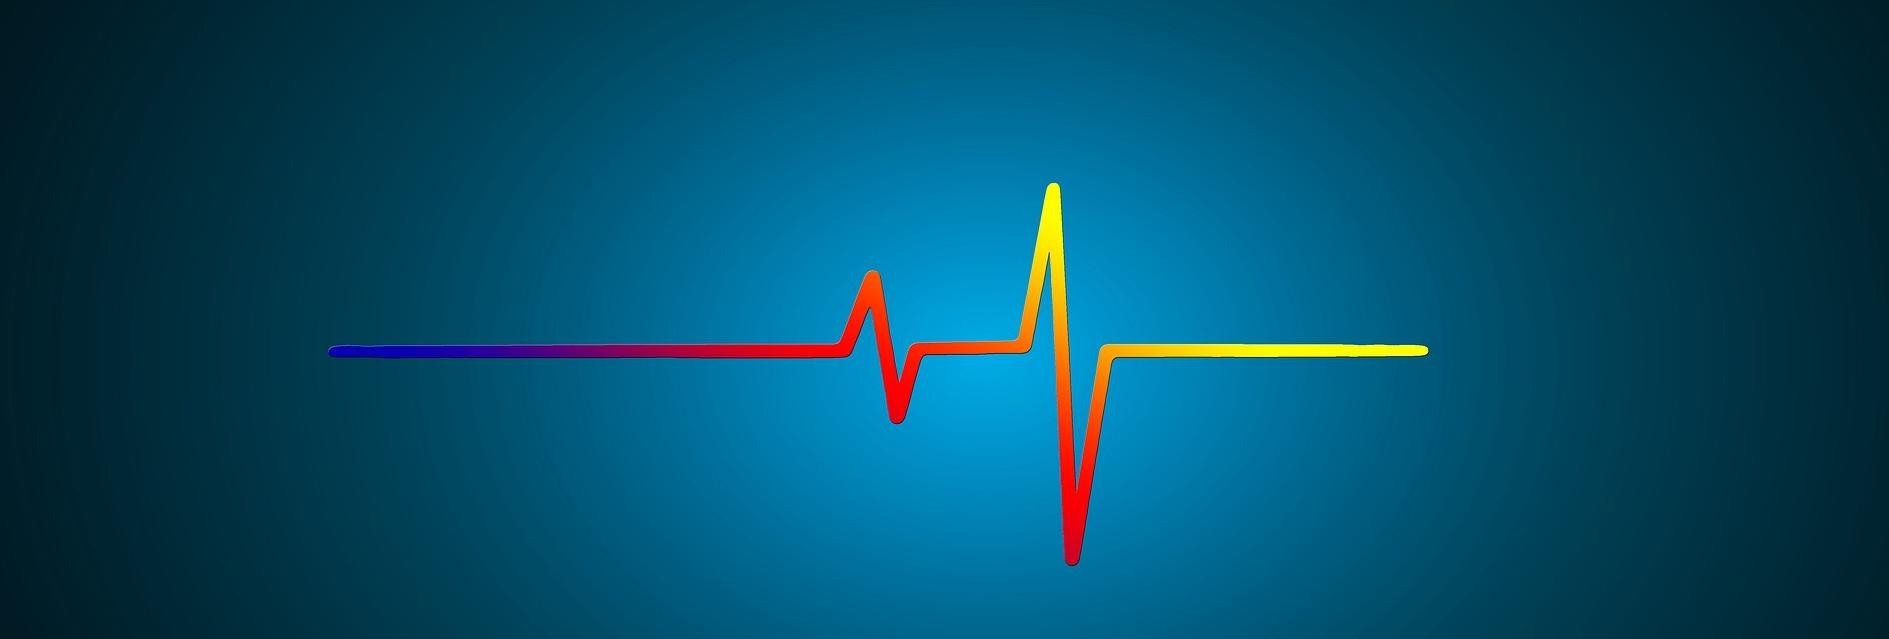 Stymulacja nerwu błędnego tVNS jako metoda na dobre zdrowie i młodość